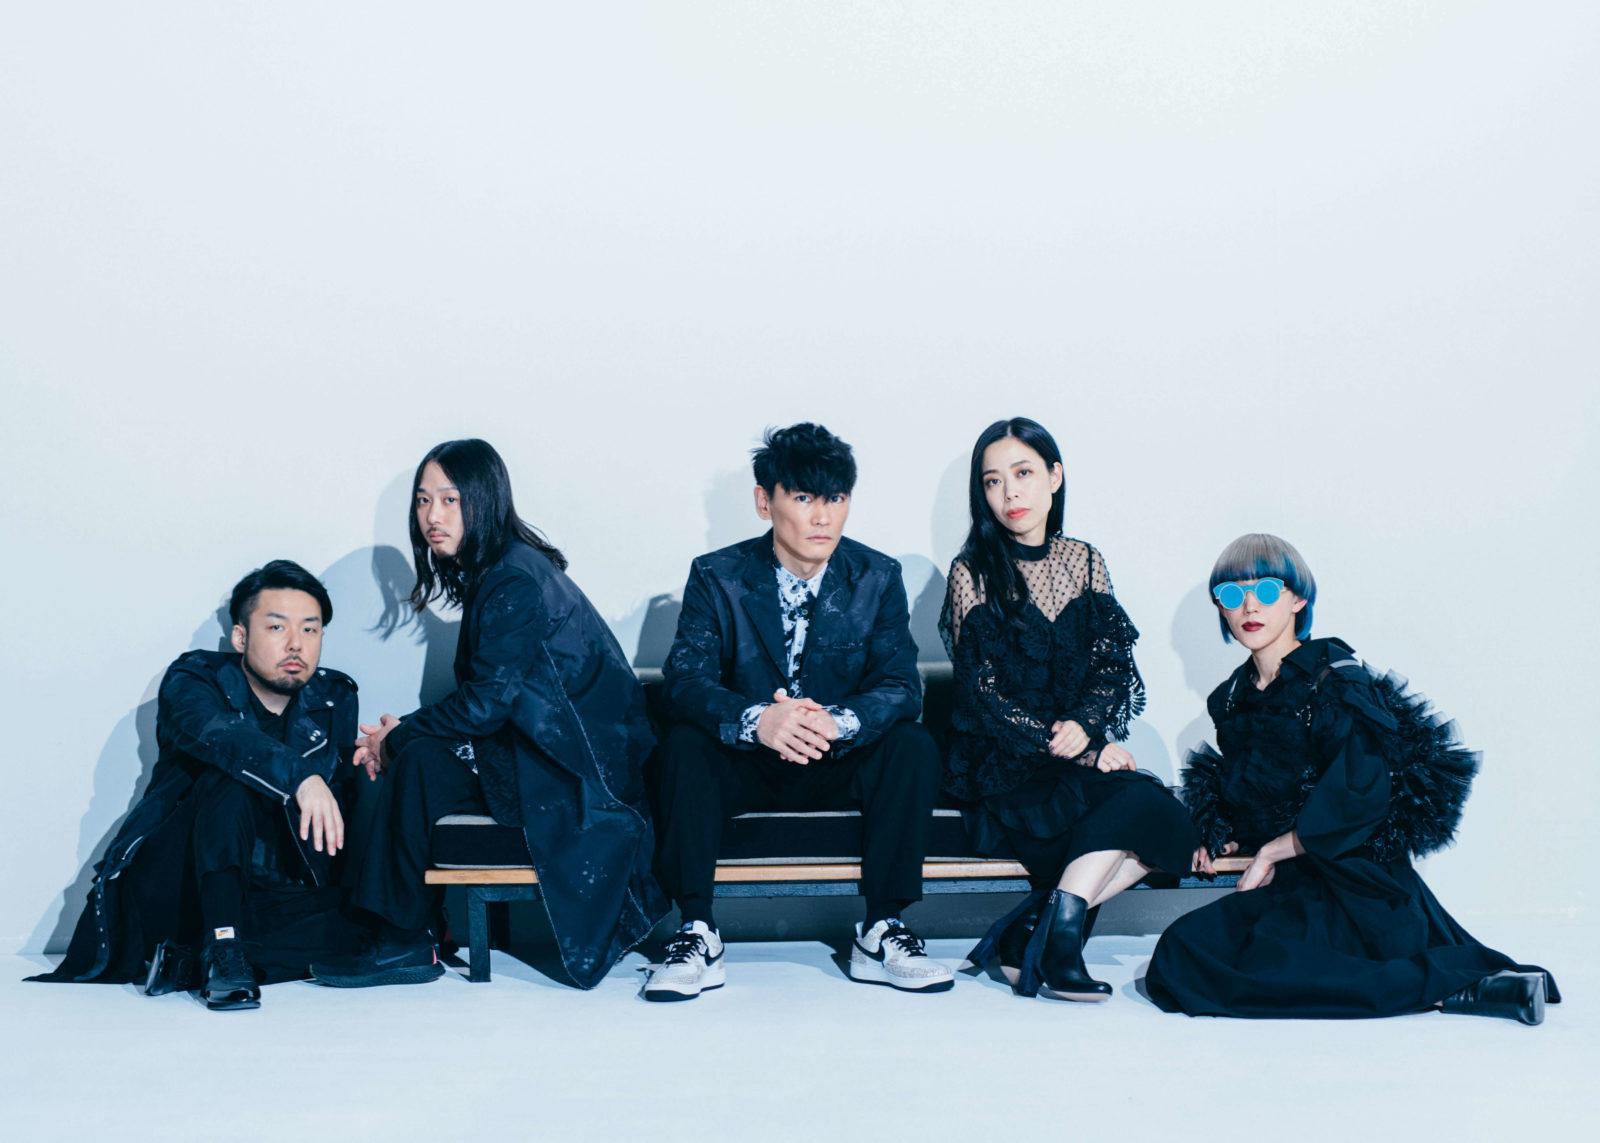 サカナクション、 山口一郎と加藤浩次が『スッキリ』で初共演サムネイル画像